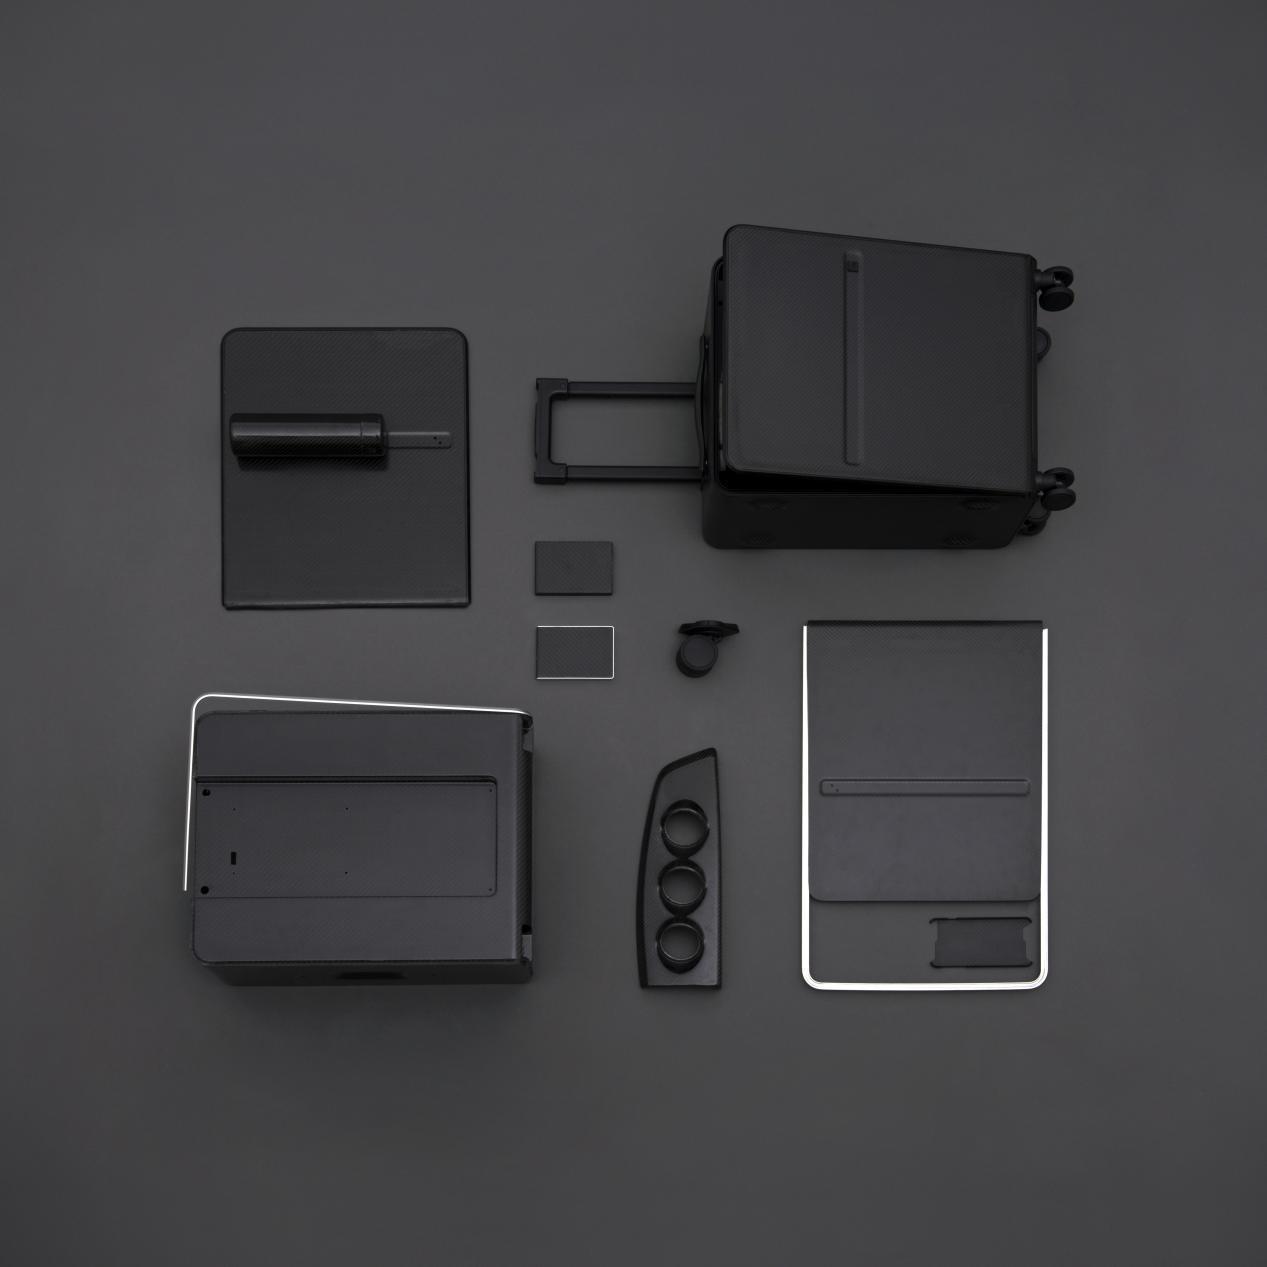 杨明洁设计作品_01:羊舍碳纤维智能旅行箱,2015年,获德国 iF、日本 Good Design 设计奖 (2)